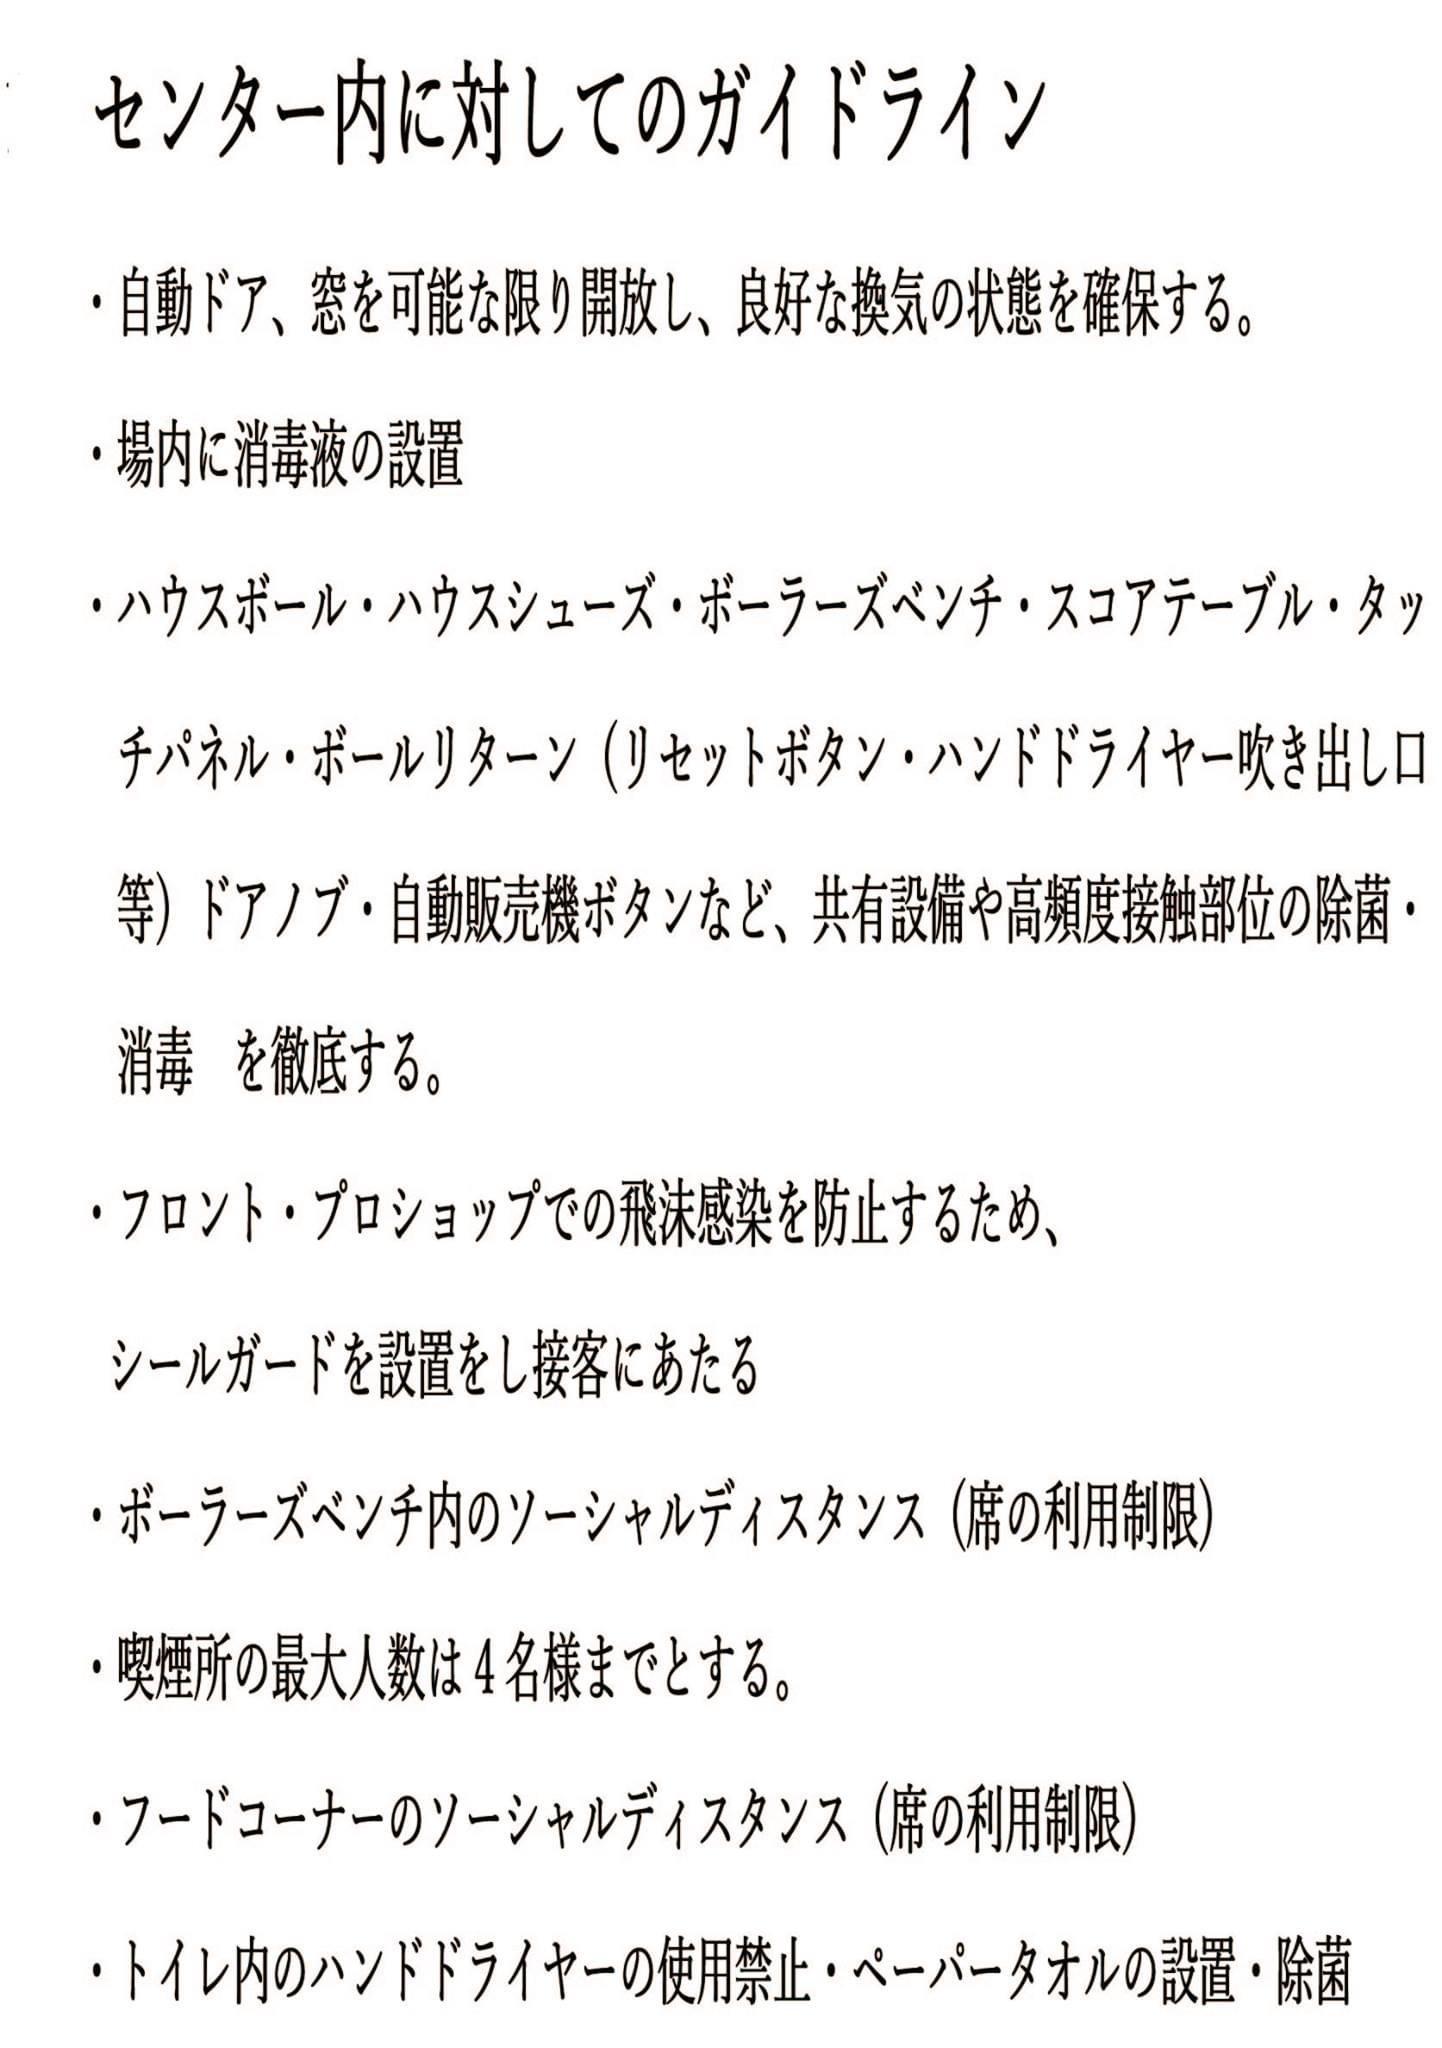 FA76291A-F3FB-4B5A-BFD9-610DCC42C312.jpeg